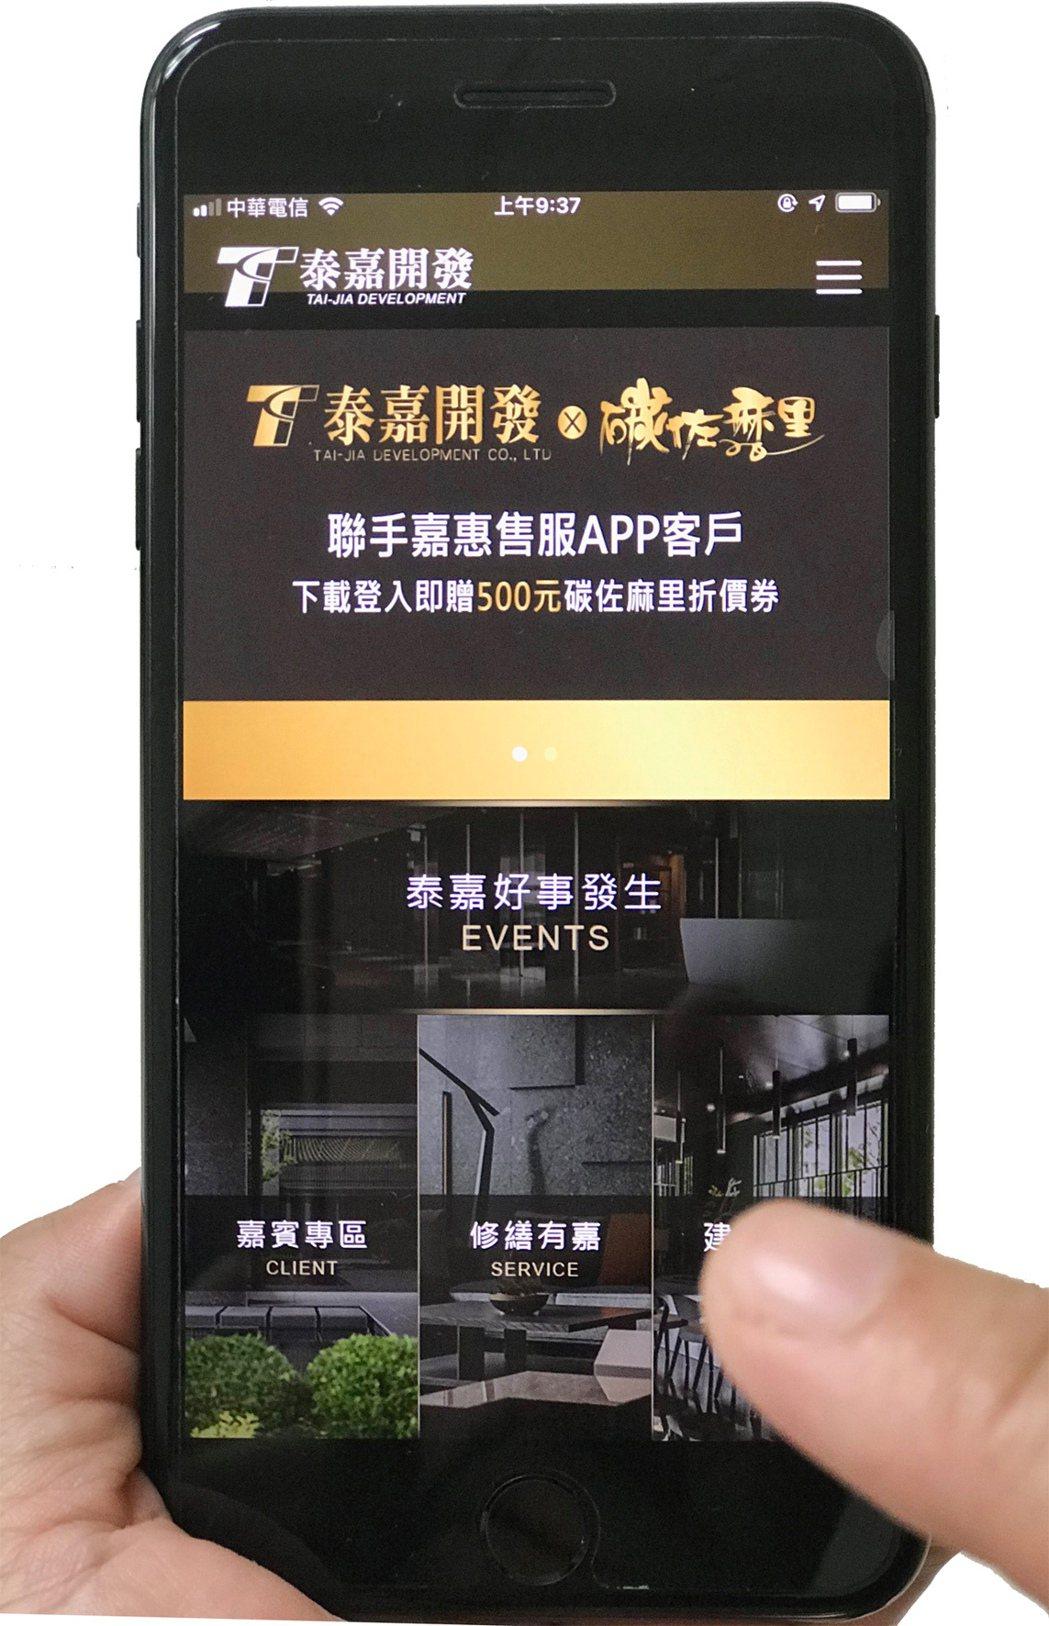 用手機APP報修,能簡化傳統電話報修往返的溝通方式,住戶只要在手機輕鬆點一點,就...